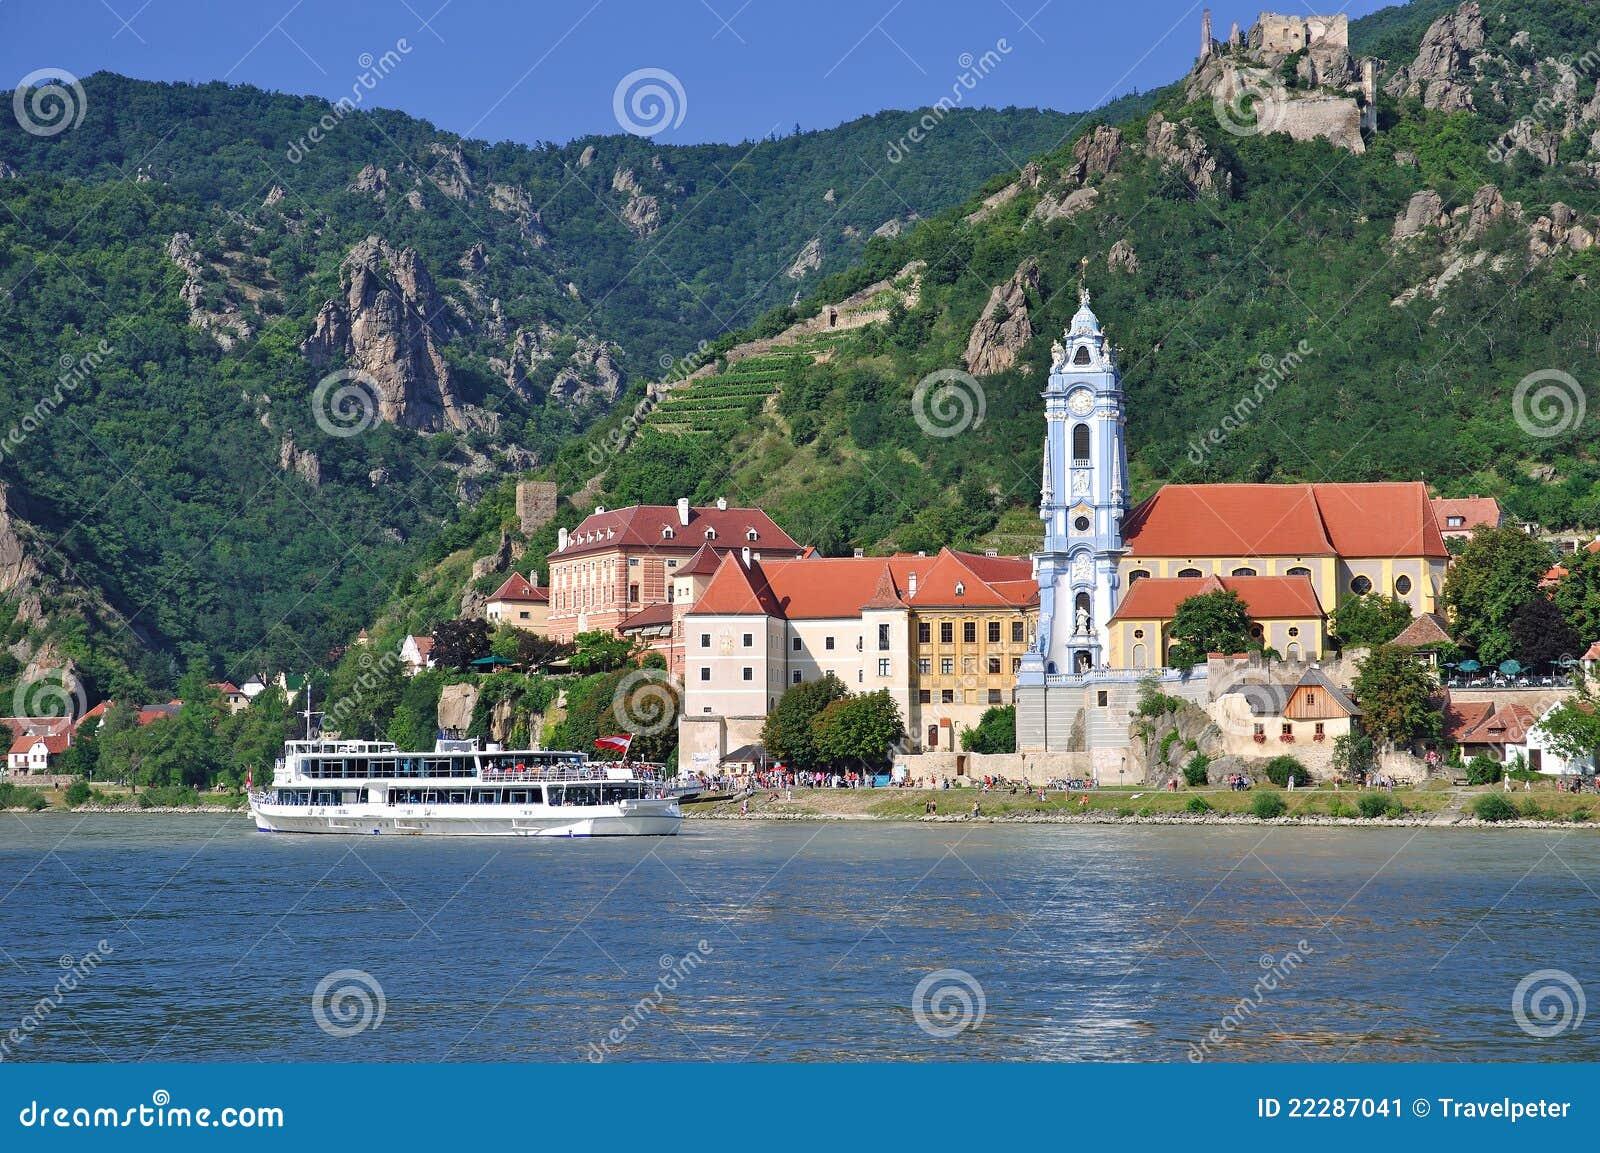 The village of duernstein